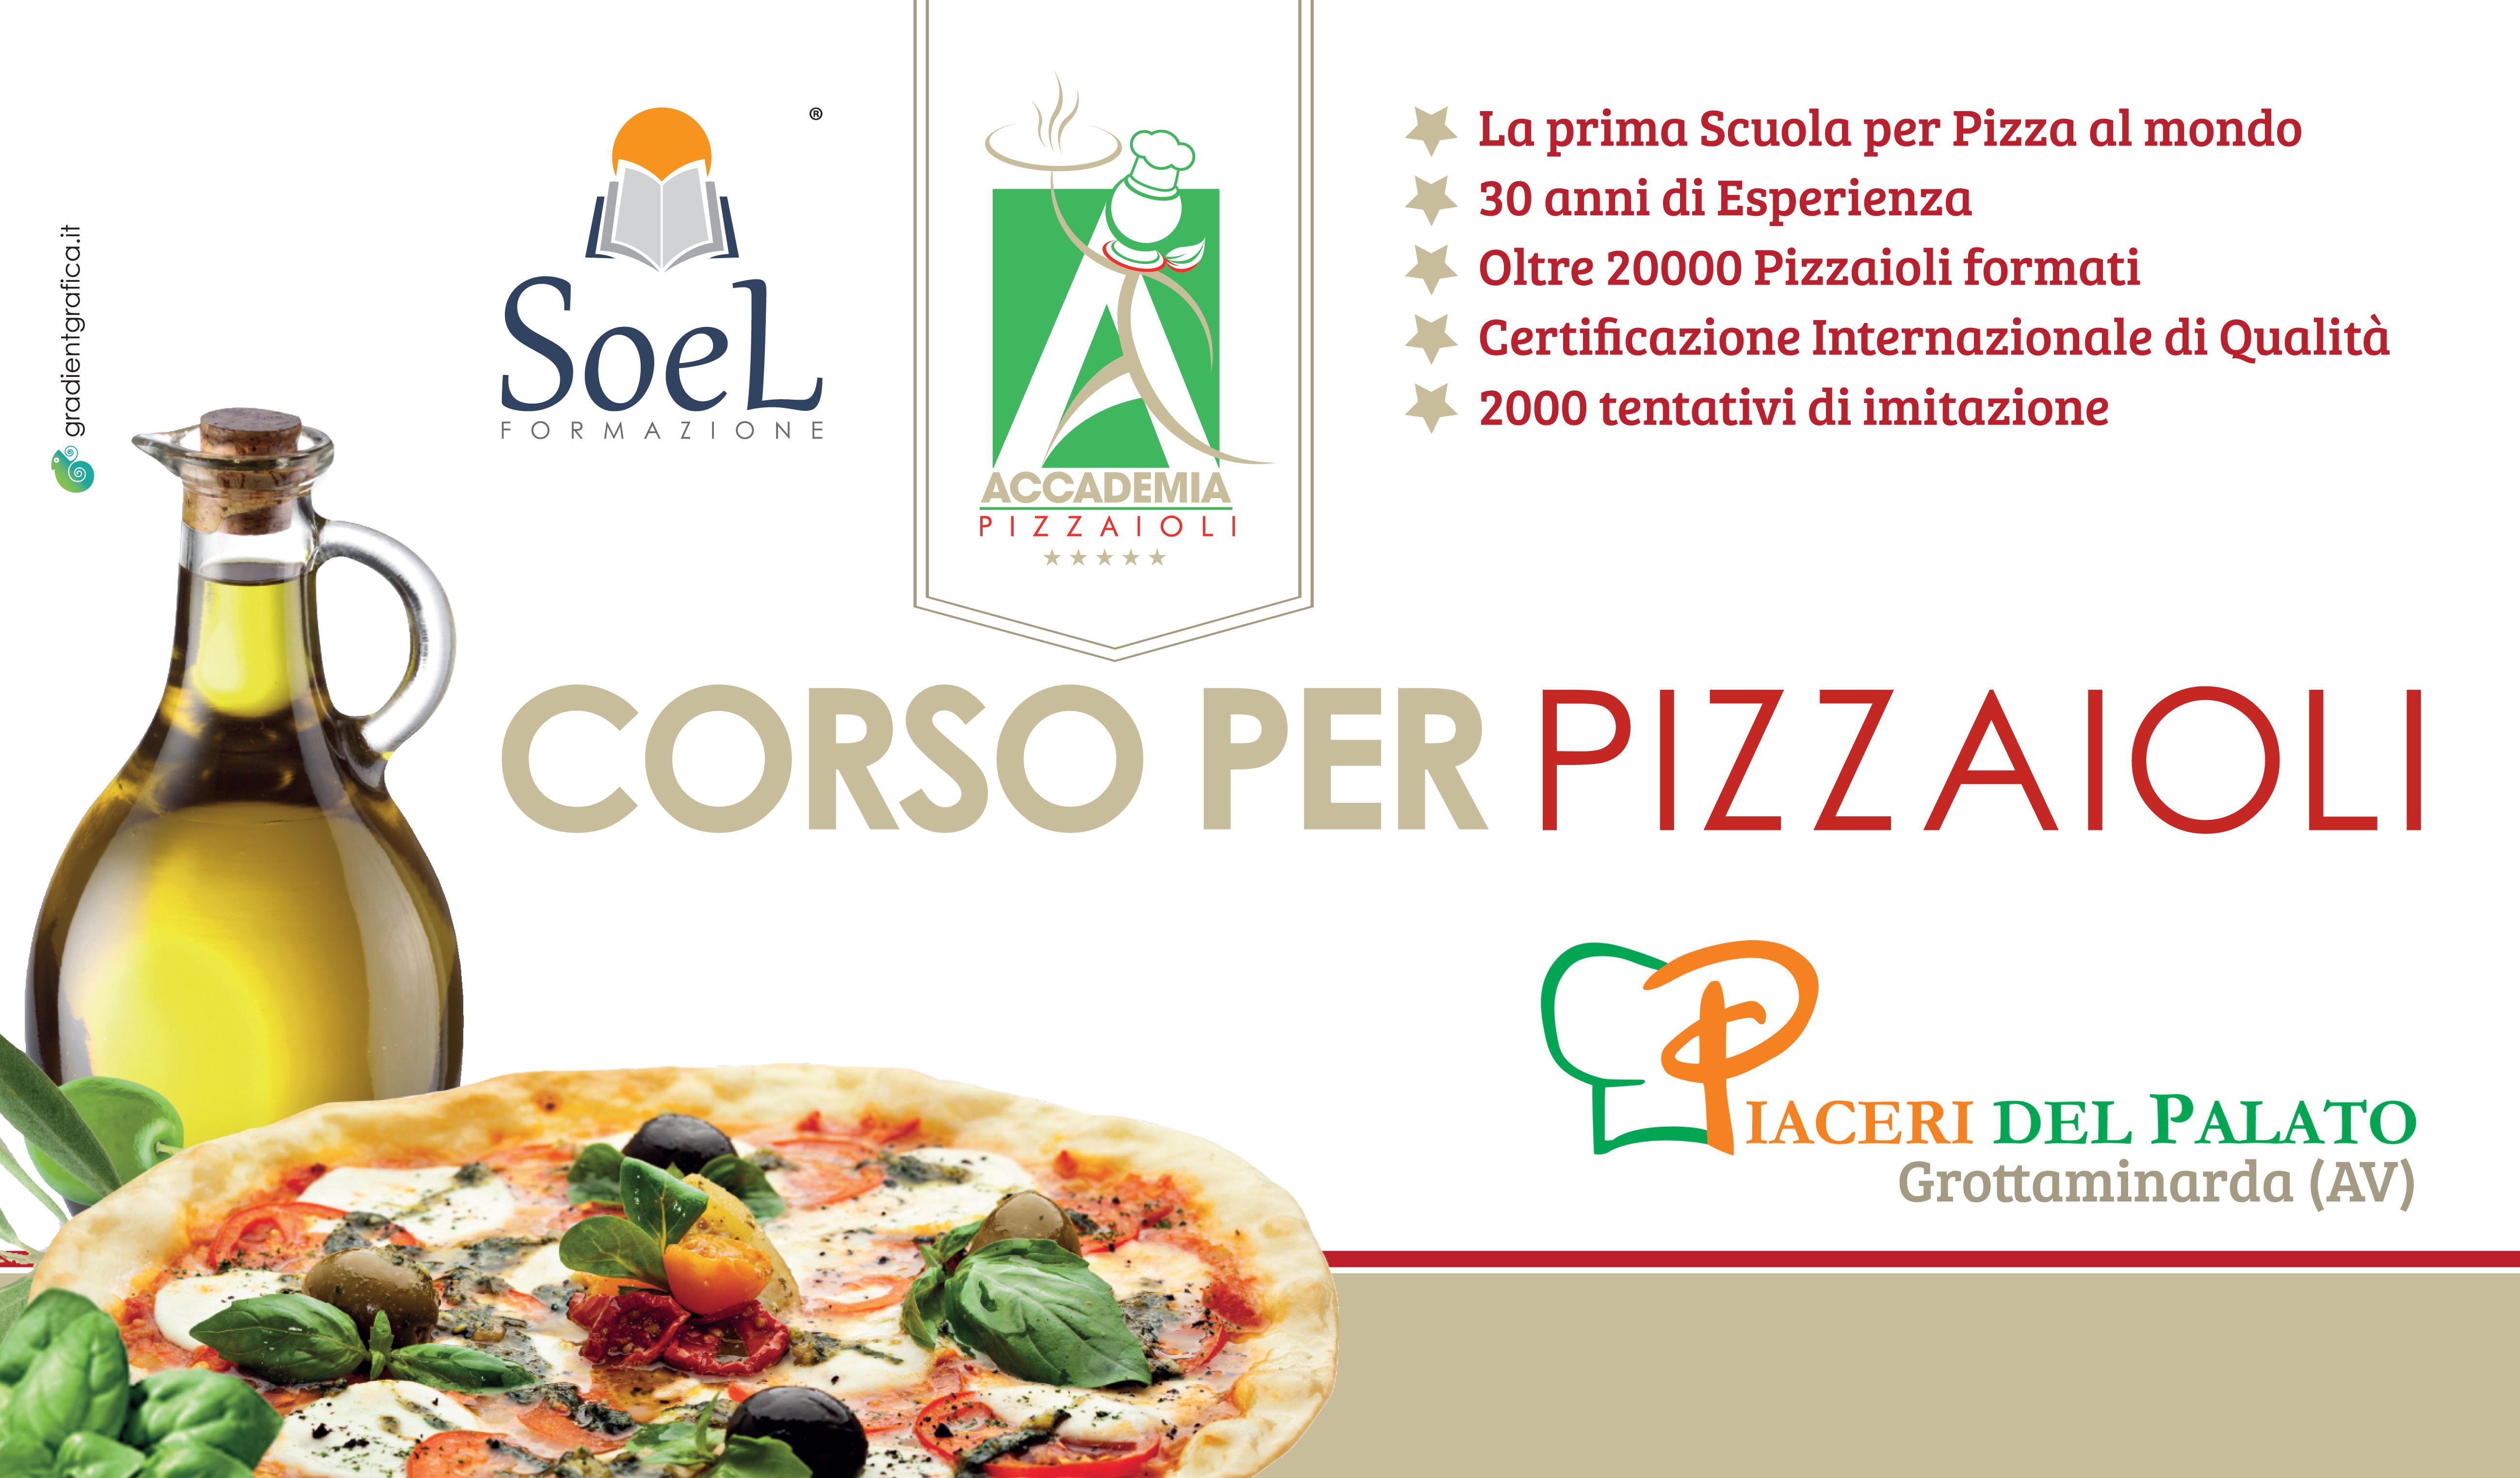 Corso per Pizzaioli - Grottaminarda (AV)